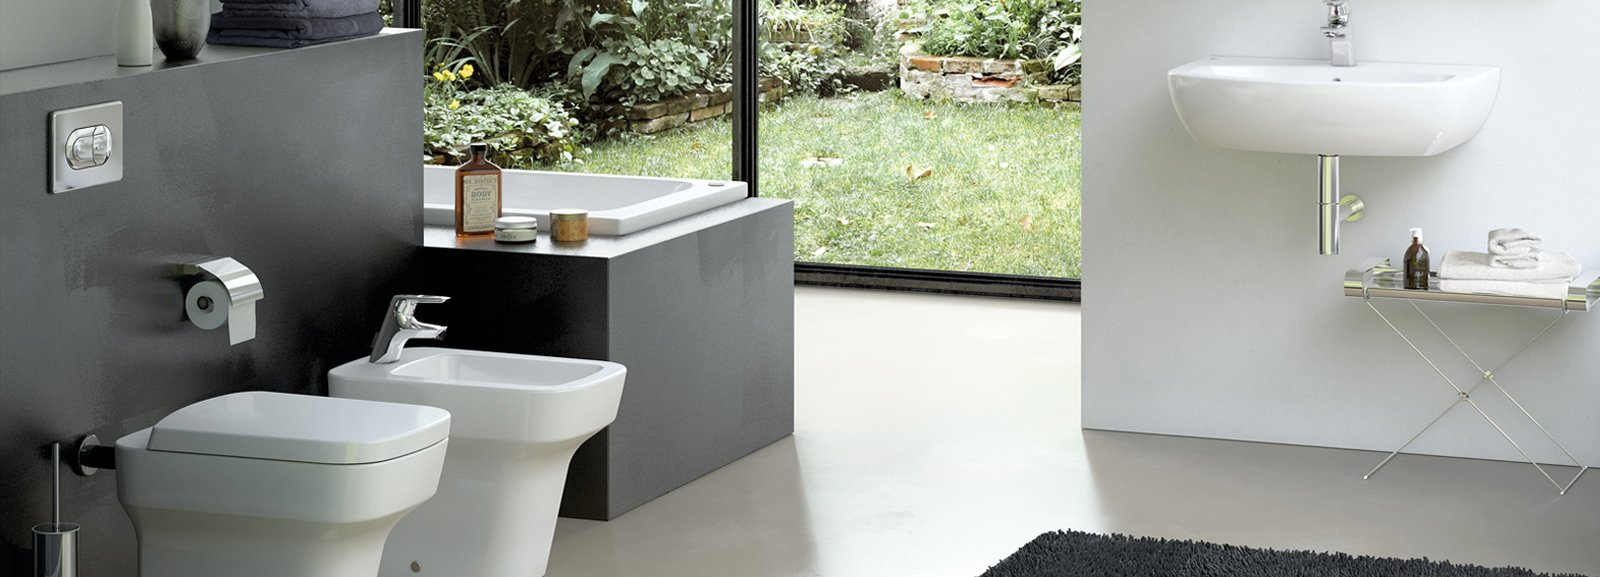 Sanitari vaso e bidet low cost cose di casa for Sanitari ideal standard tesi